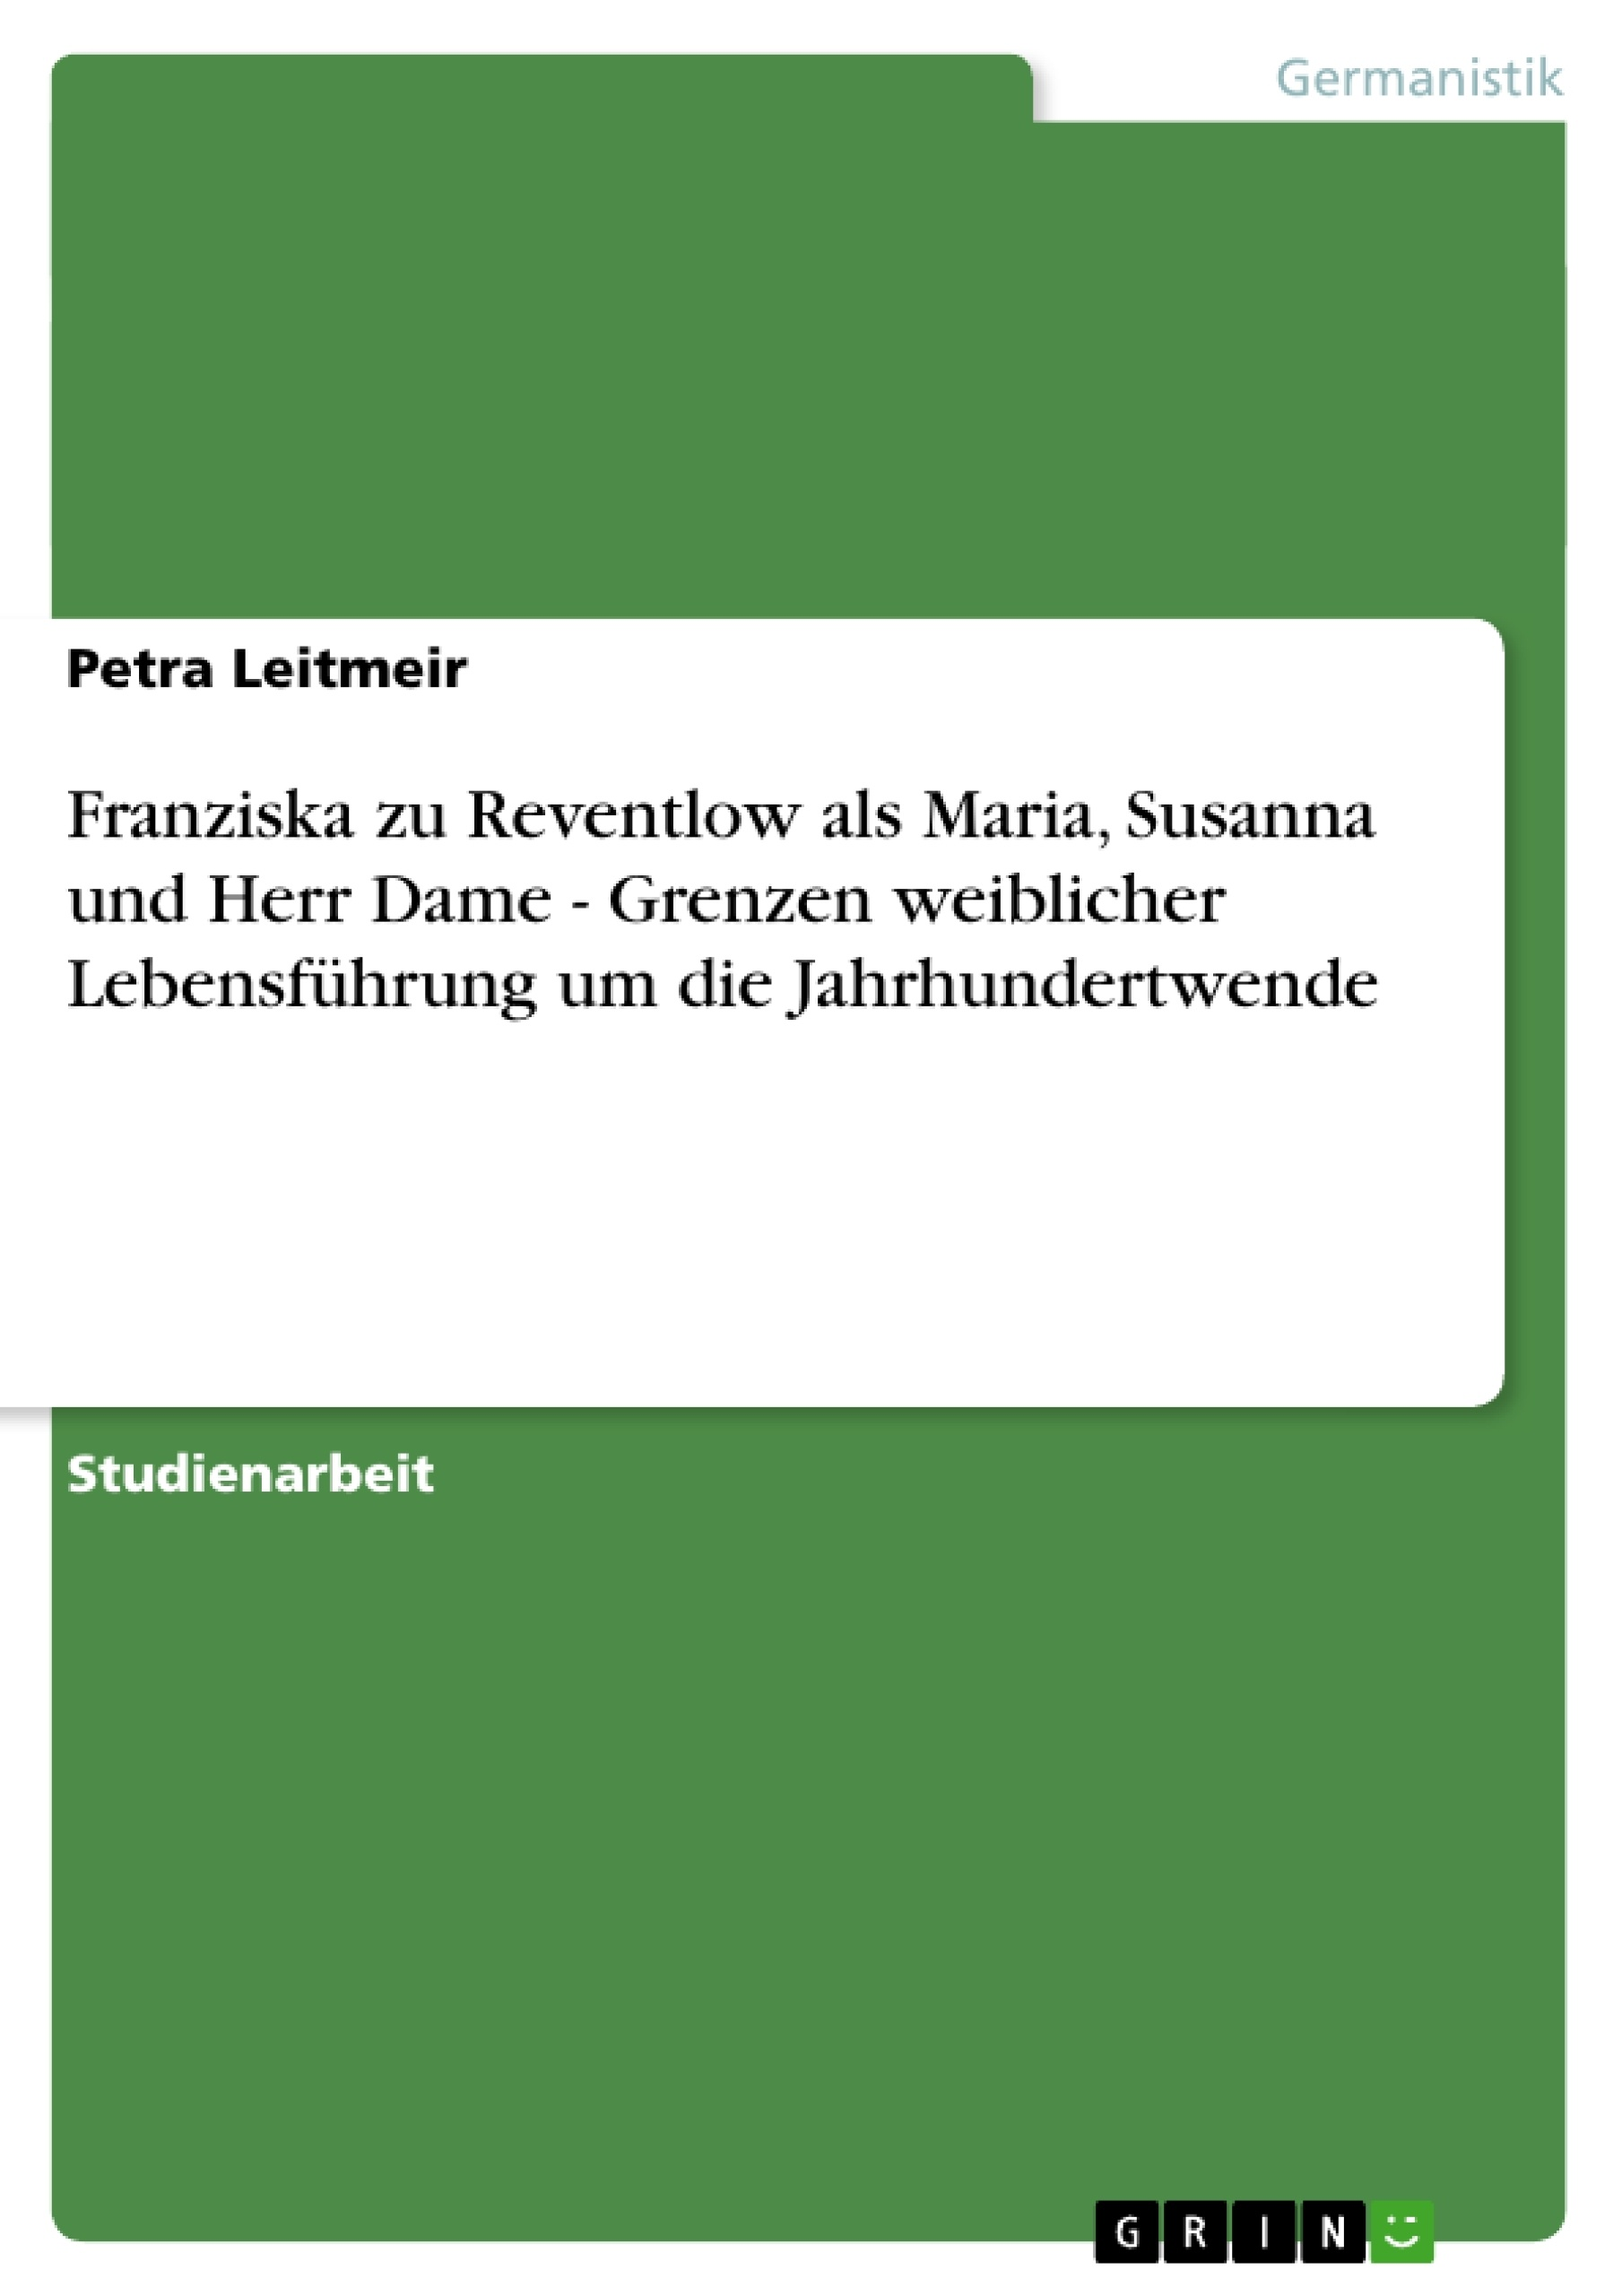 Titel: Franziska zu Reventlow als Maria, Susanna und Herr Dame - Grenzen weiblicher Lebensführung um die Jahrhundertwende